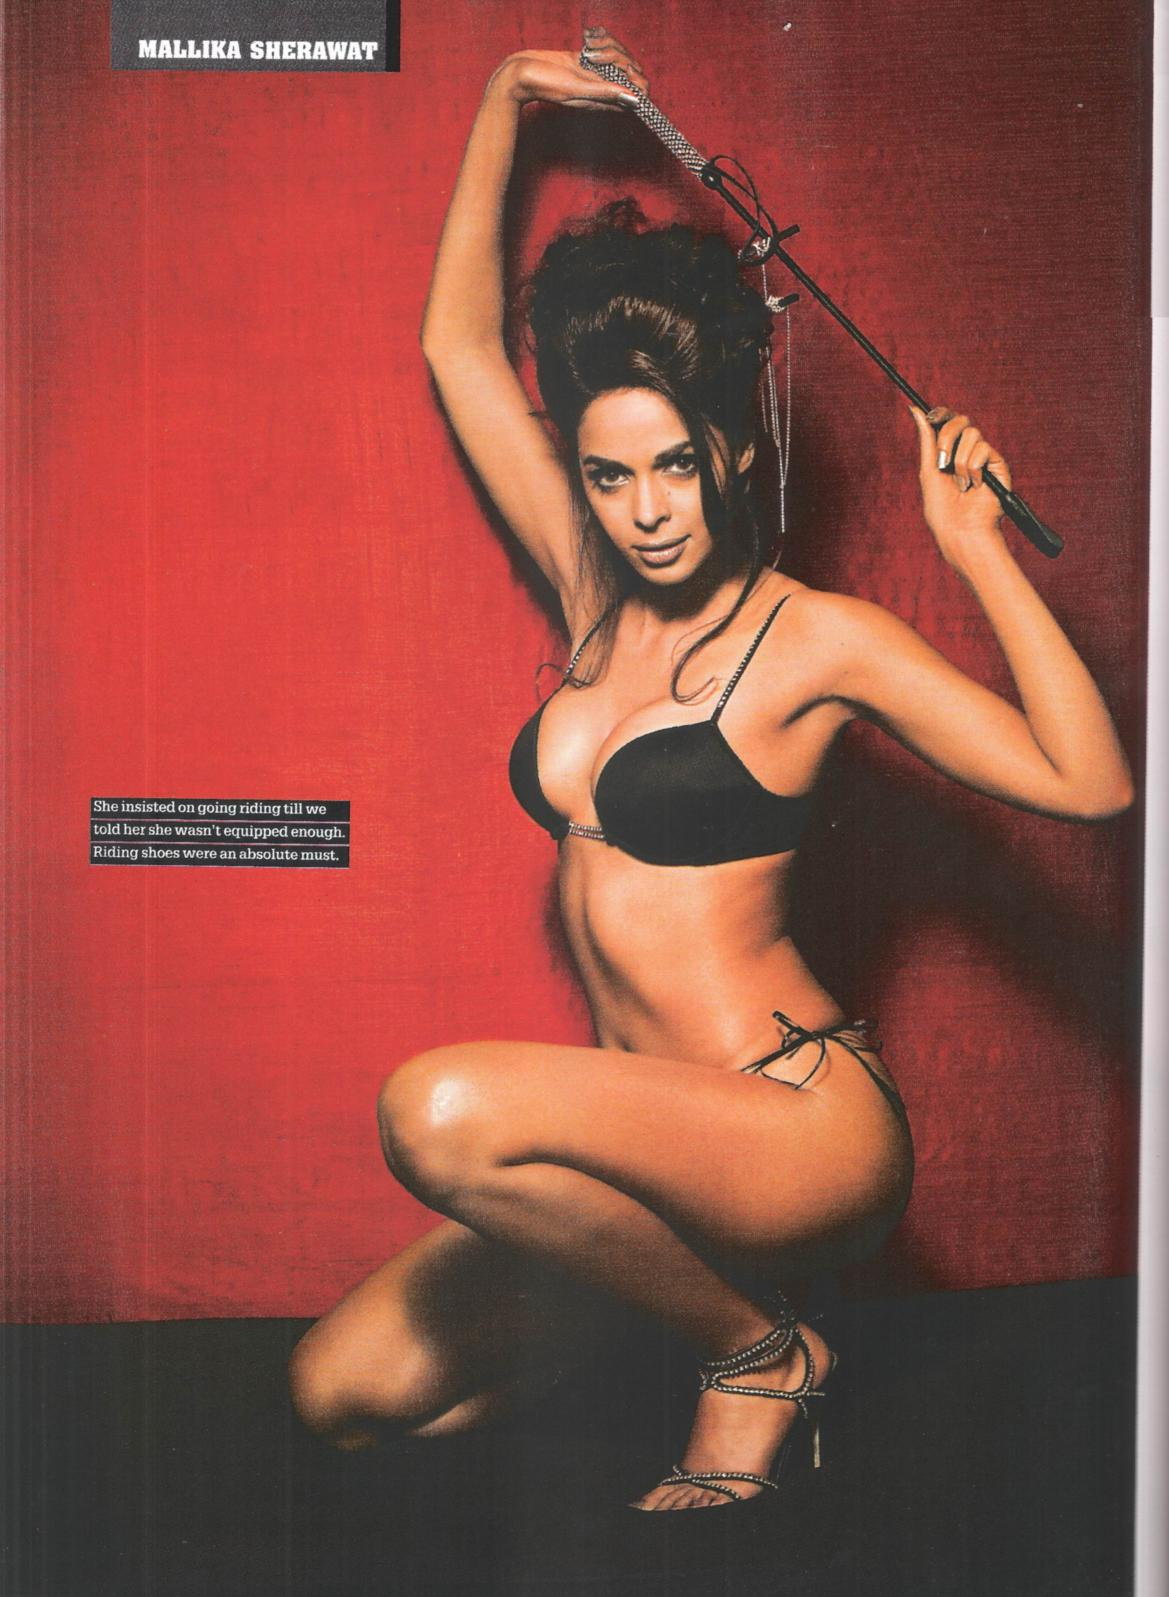 Mallika sherawat bikini pics in maxim with you